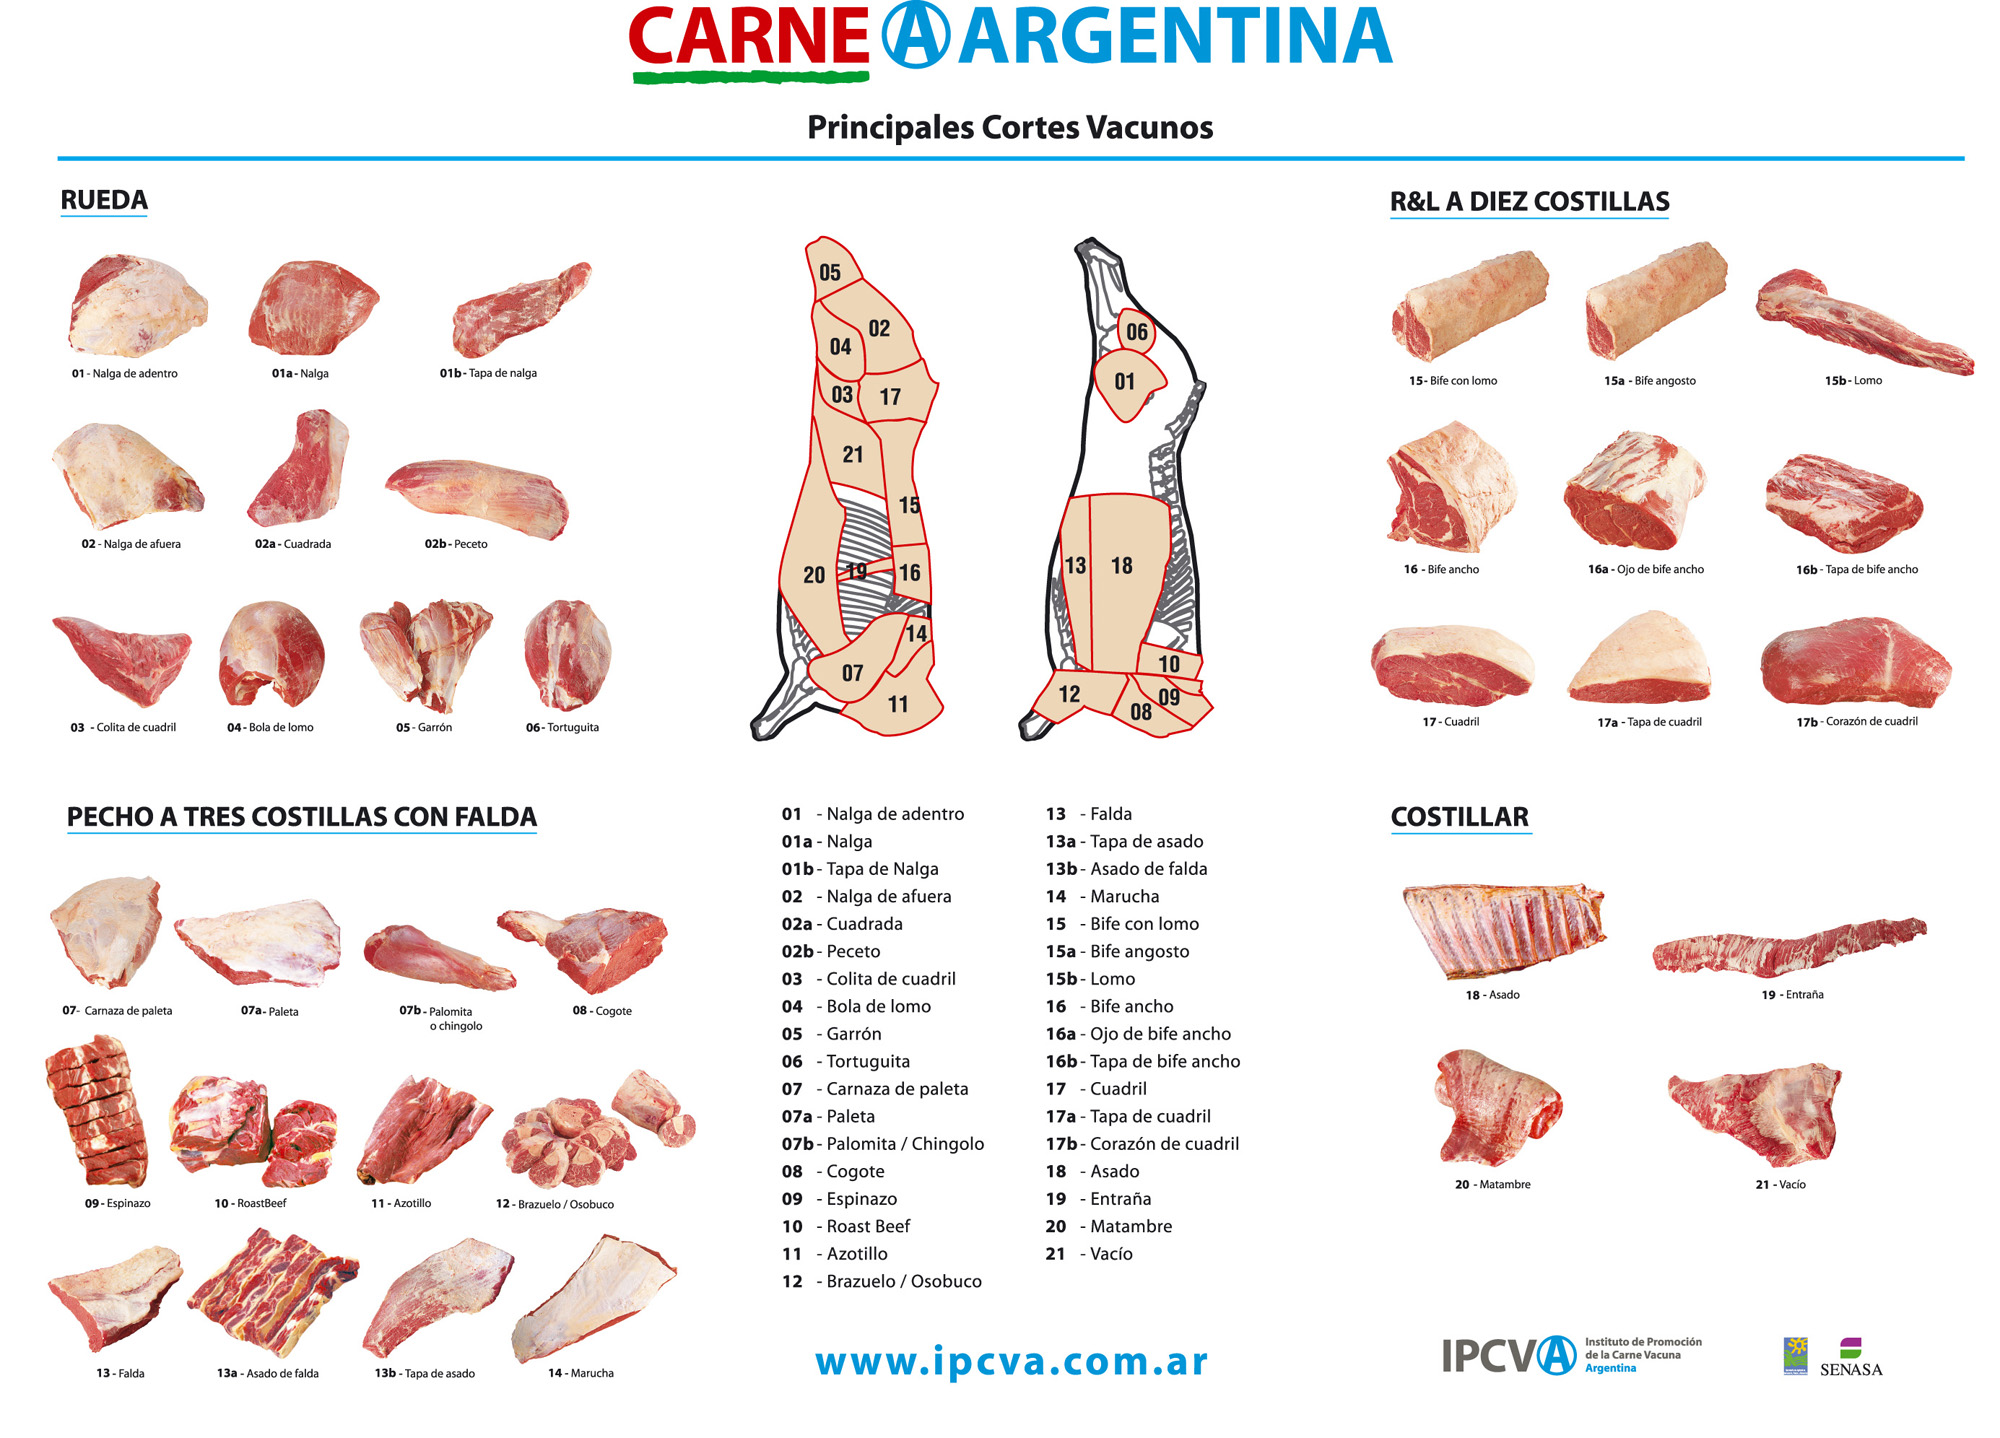 La mejor carne Argentina, fotos. post no apto - Off-topic - Taringa!